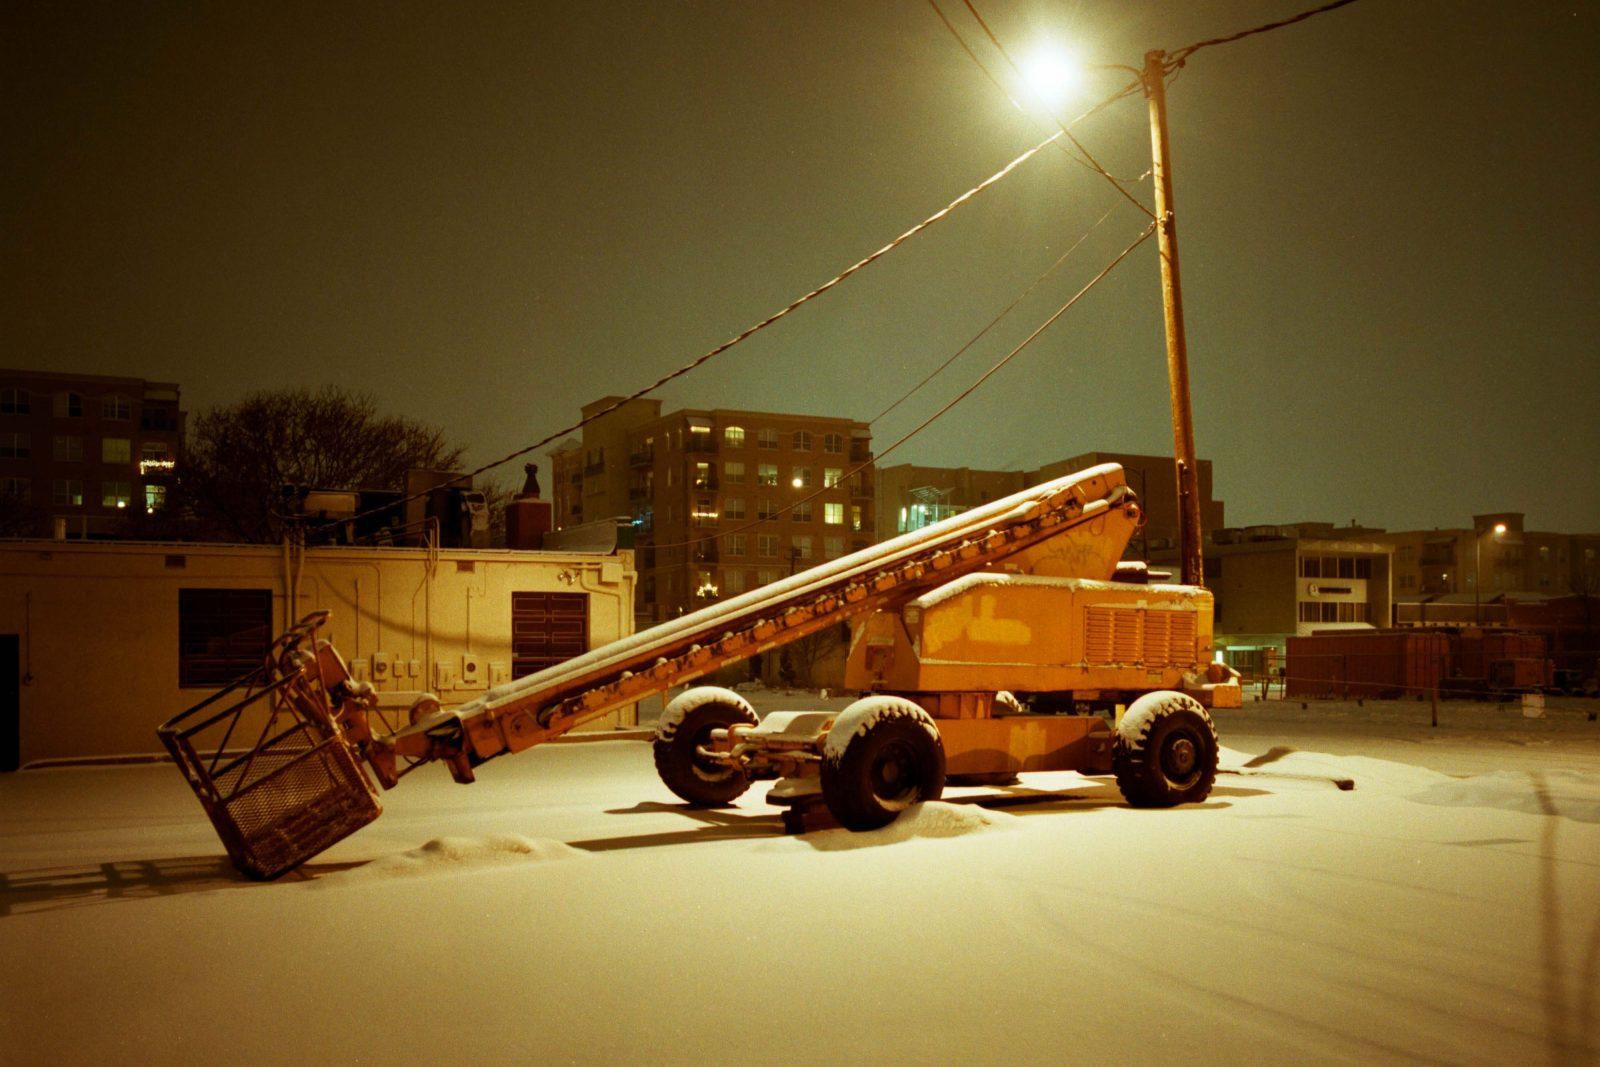 Denver snowstorm at night